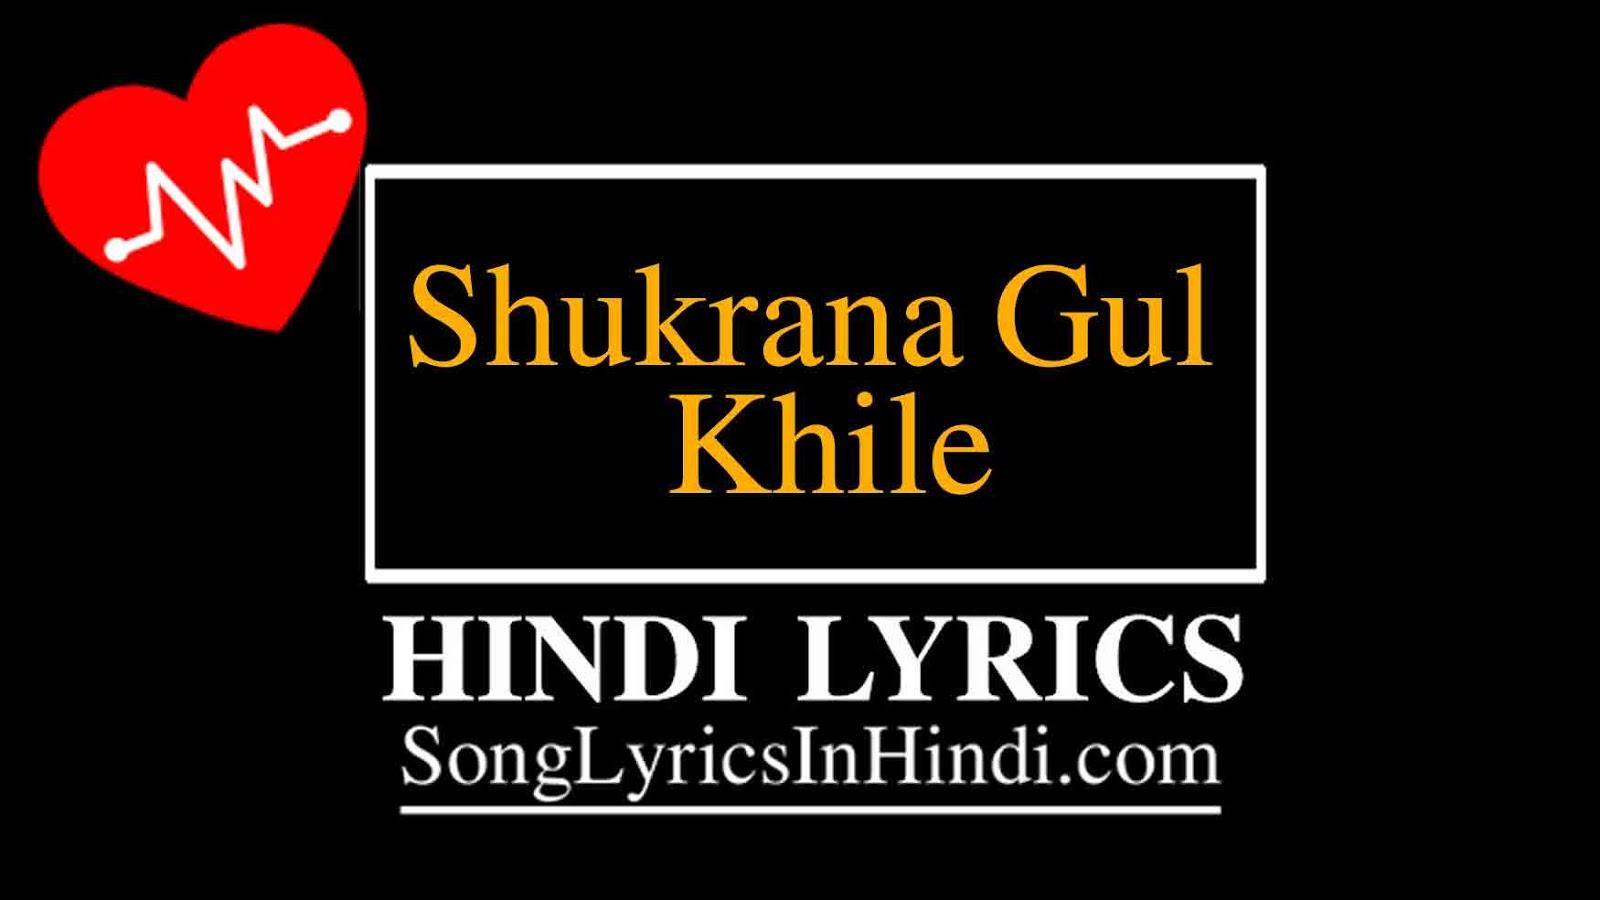 शुक्राना गुल खिले Shukrana Gul Khile Lyrics Hindi - Shikara-Munir Ahmad Mir